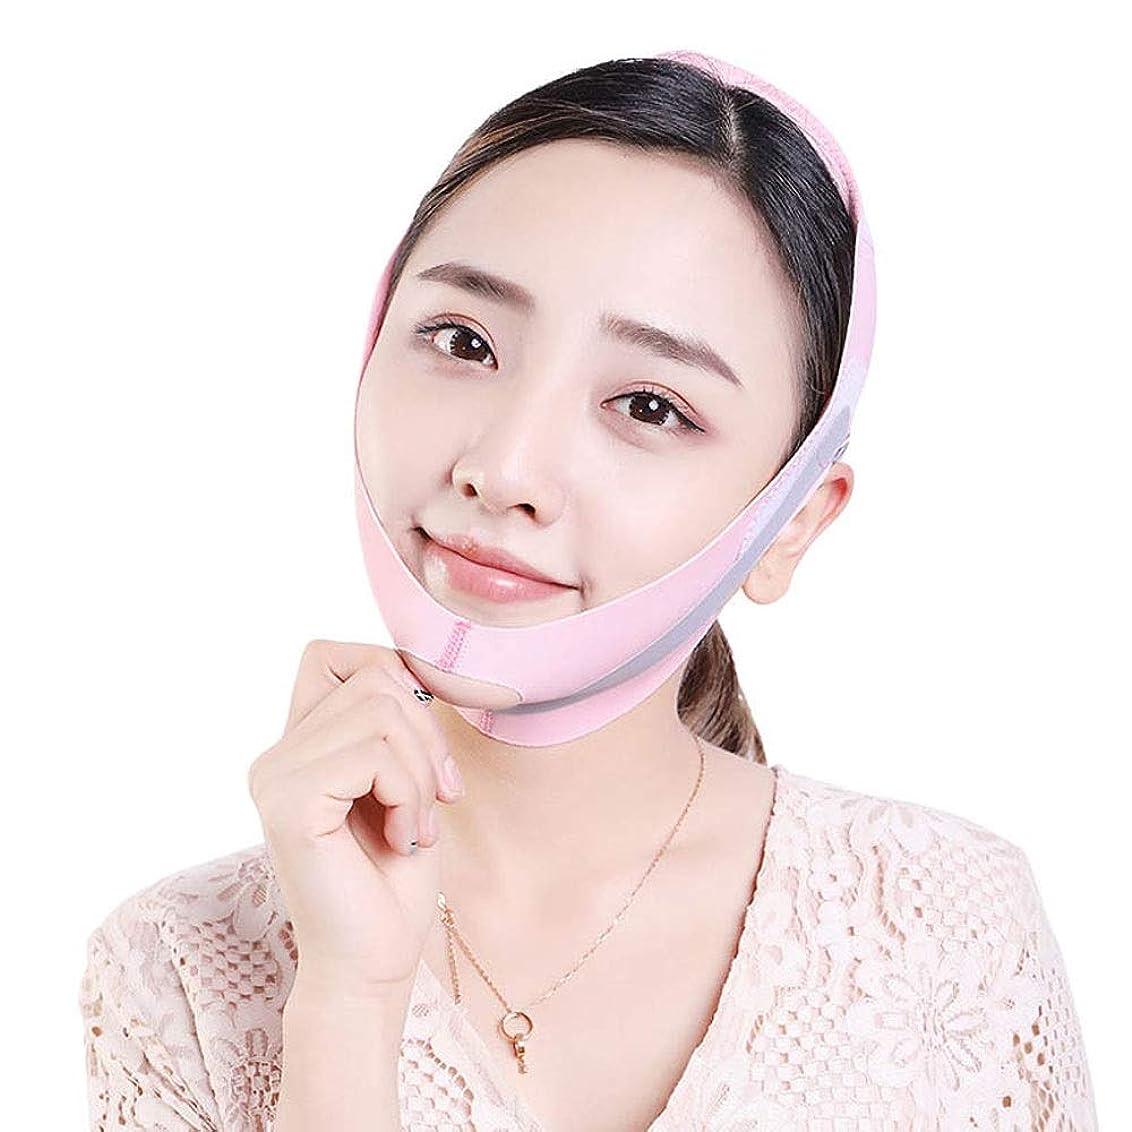 精度タックル付き添い人たるみを防ぐために顔を持ち上げるために筋肉を引き締めるために二重あごのステッカーとラインを削除するために、顔を持ち上げるアーティファクト包帯があります - ピンク